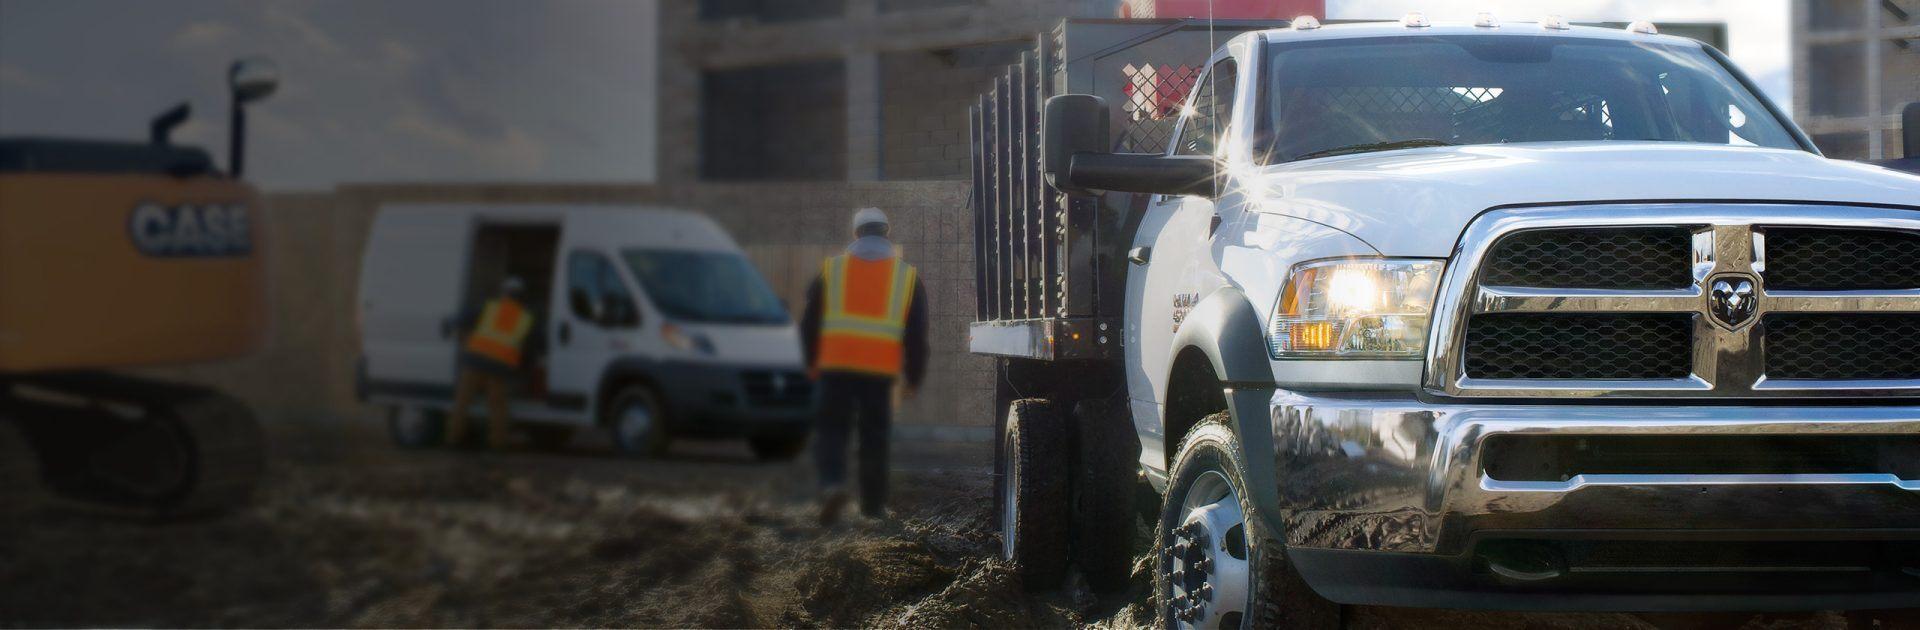 Camionetas Ram Chassis Cab 2018 en el lugar de trabajo